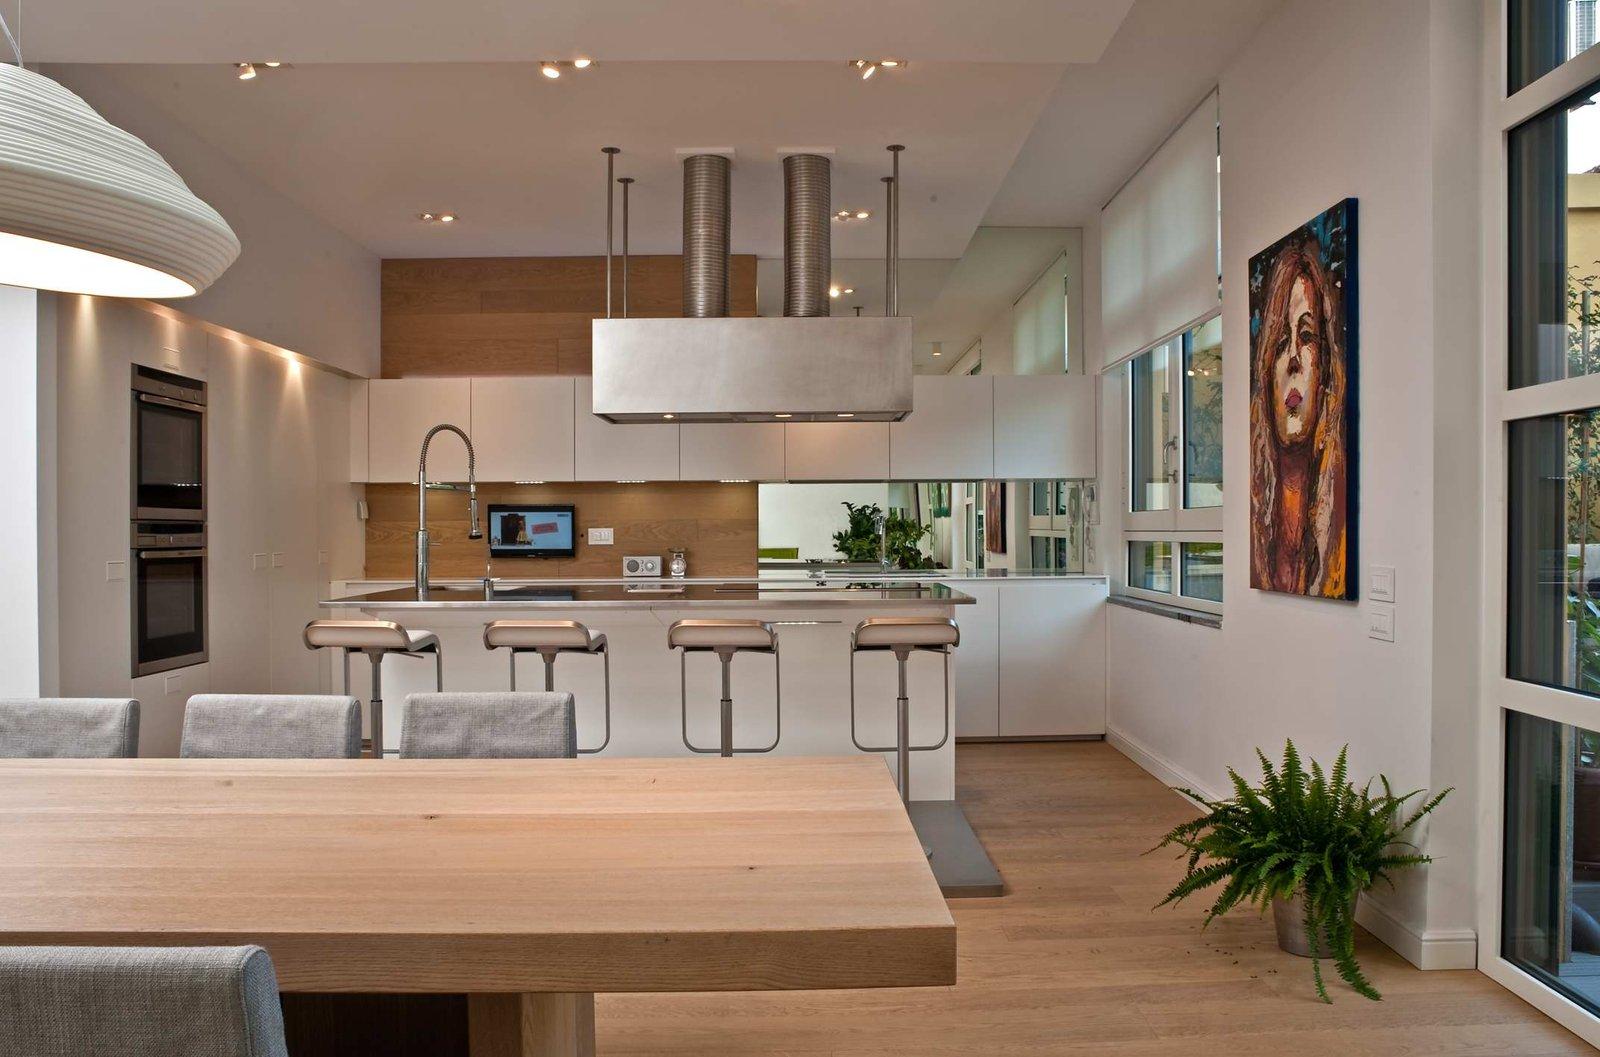 Guida alla scelta dei materiali per cucine da chef rp - Parquet in cucina ...